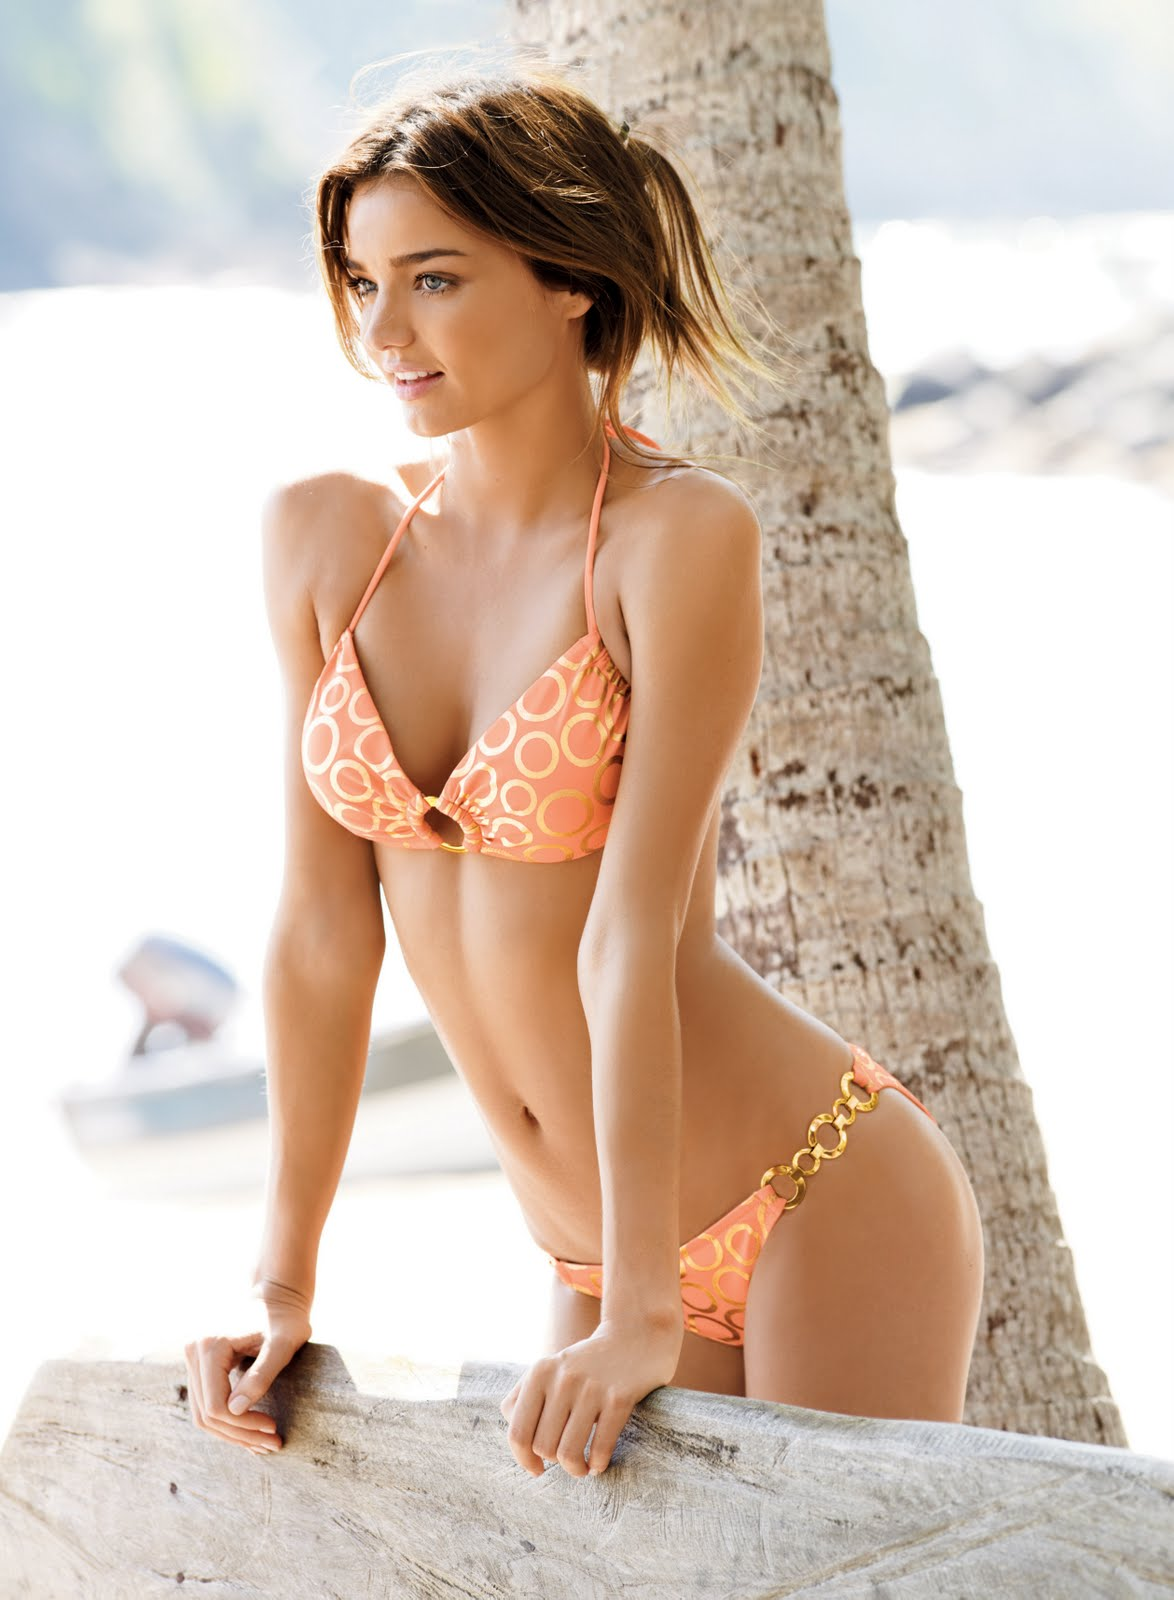 http://2.bp.blogspot.com/-mmgszATUhik/Tpcg7Jg4RGI/AAAAAAAAGxE/cwwe6eQQ9aE/s1600/Miranda_Kerr__nice_figure.jpg